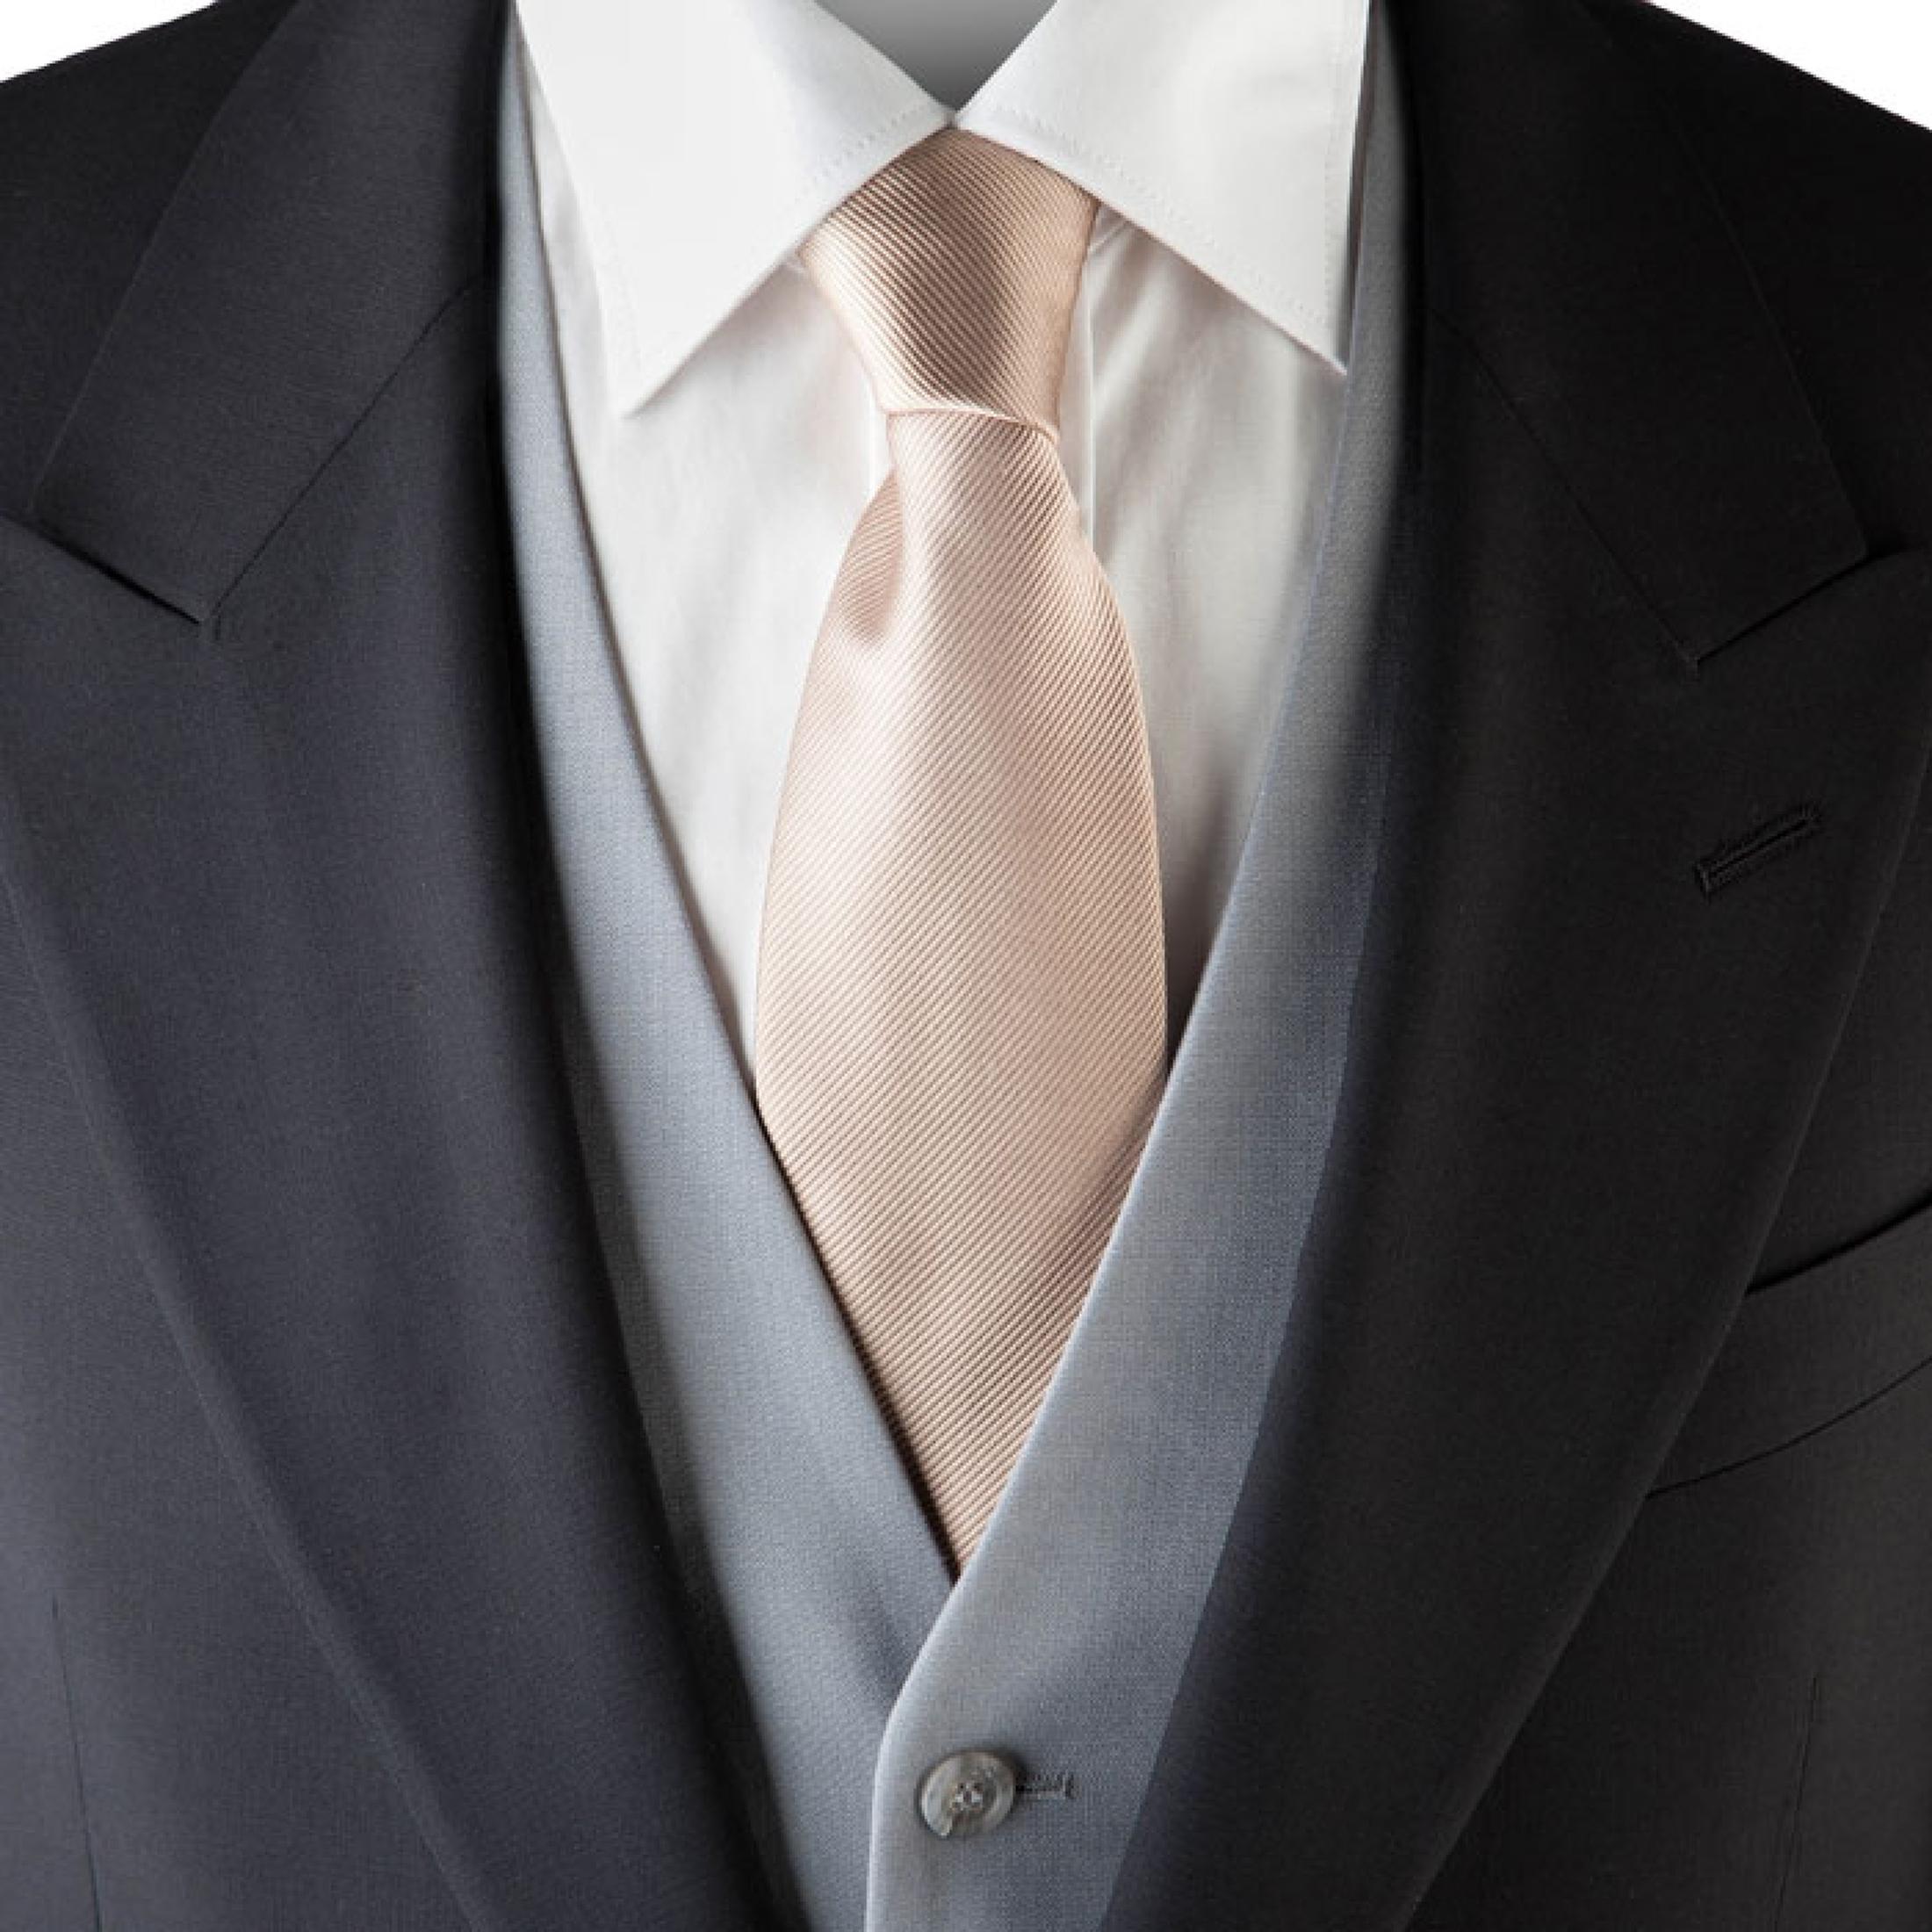 Cutaway Herren Anzug mit Hose foto 1